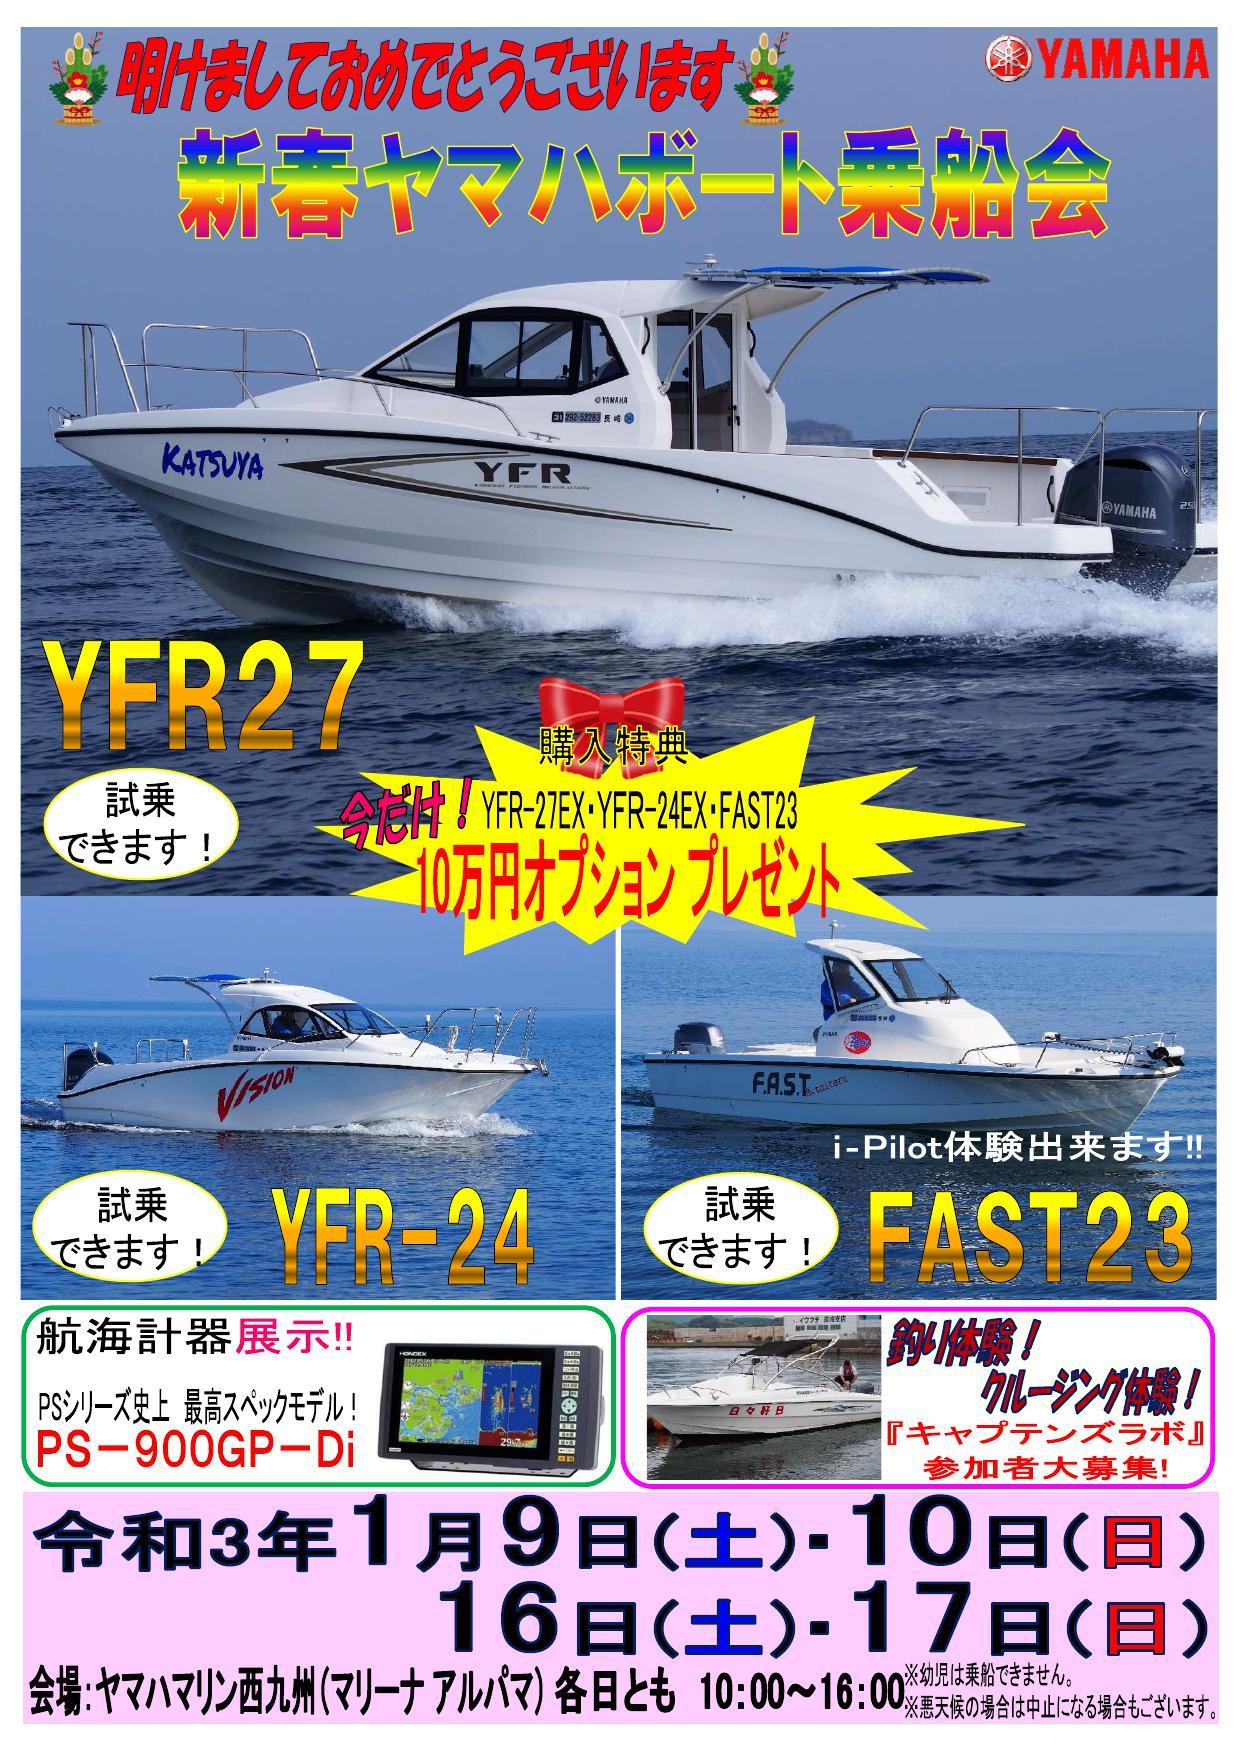 ☆2021年 ヤマハボート乗船会☆